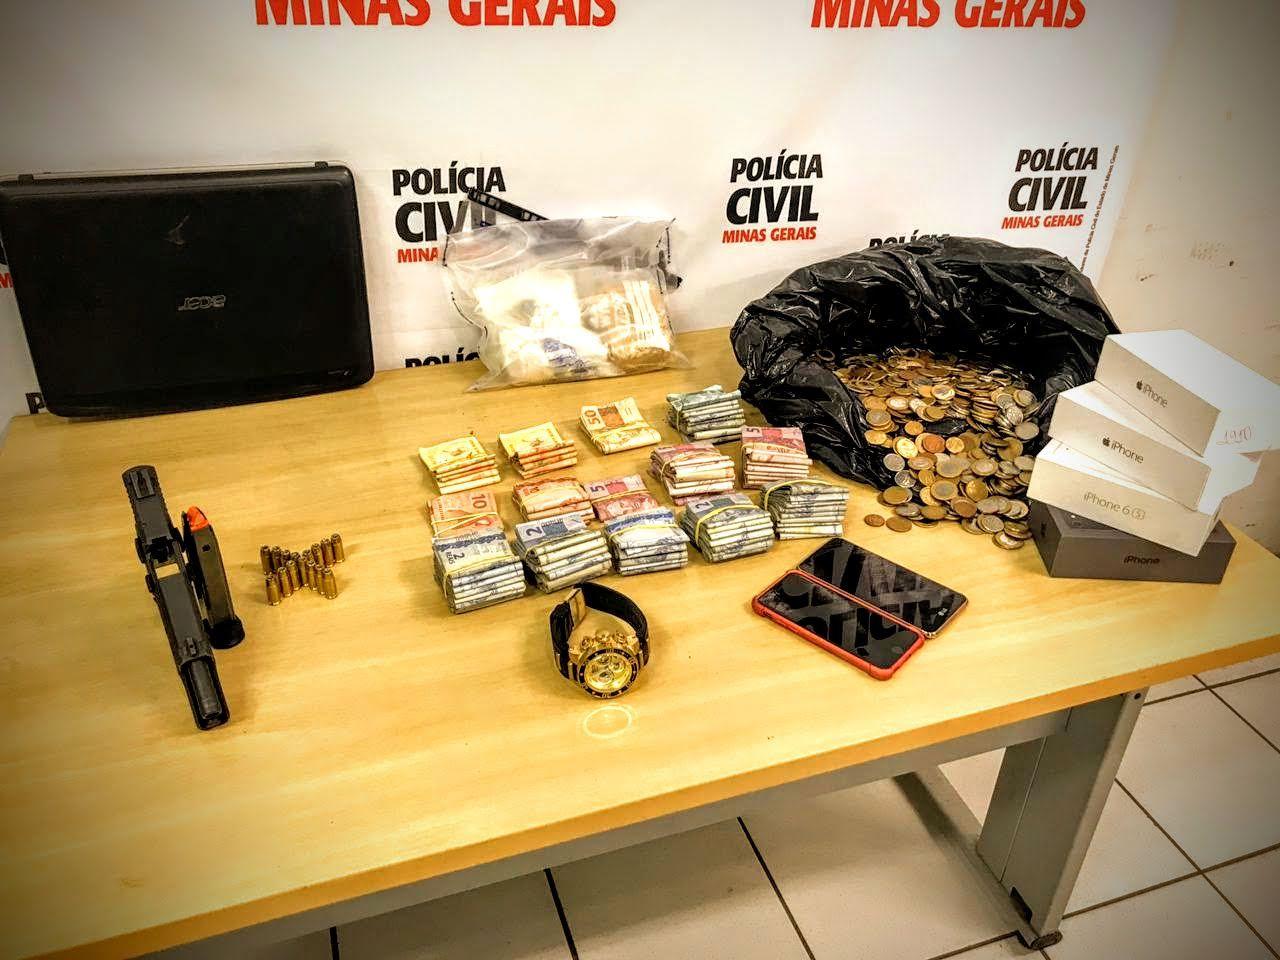 Polícia segue traficante por seis meses e dá flagrante: R$5 mil, arma de fogo e ligações até fora do estado. Morro do Papagaio, BH/MG